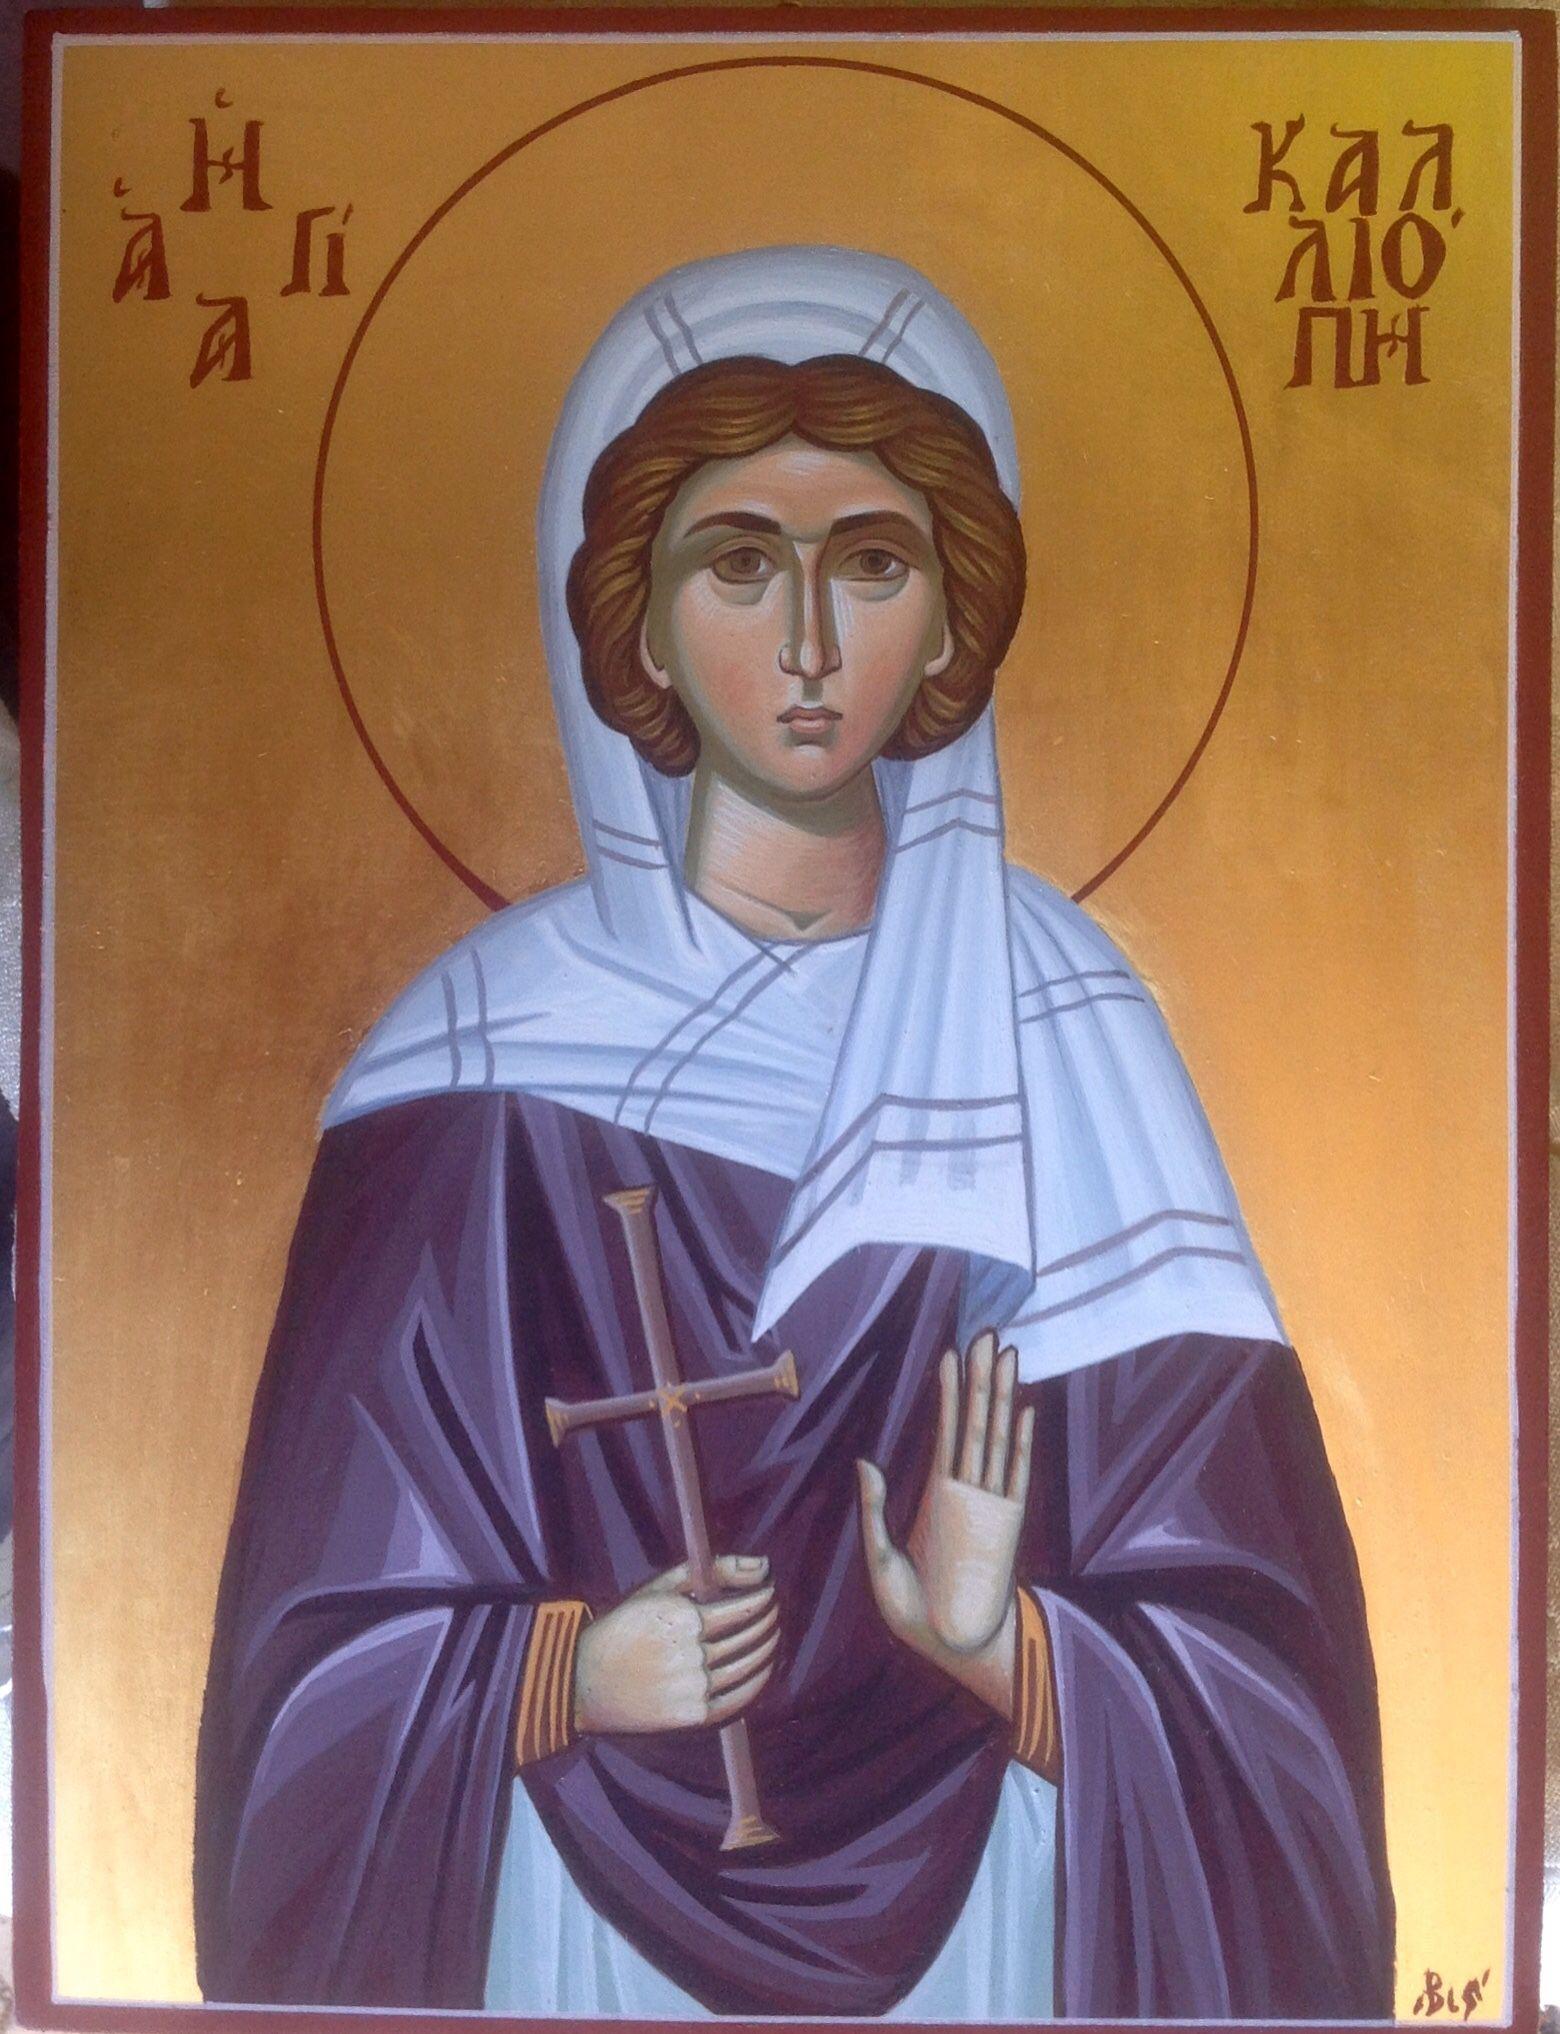 Σήμερα γιορτάζει η Αγία Καλλιόπη – Η μνήμη της οποίας εορτάζεται στις 8 Ιουνίου